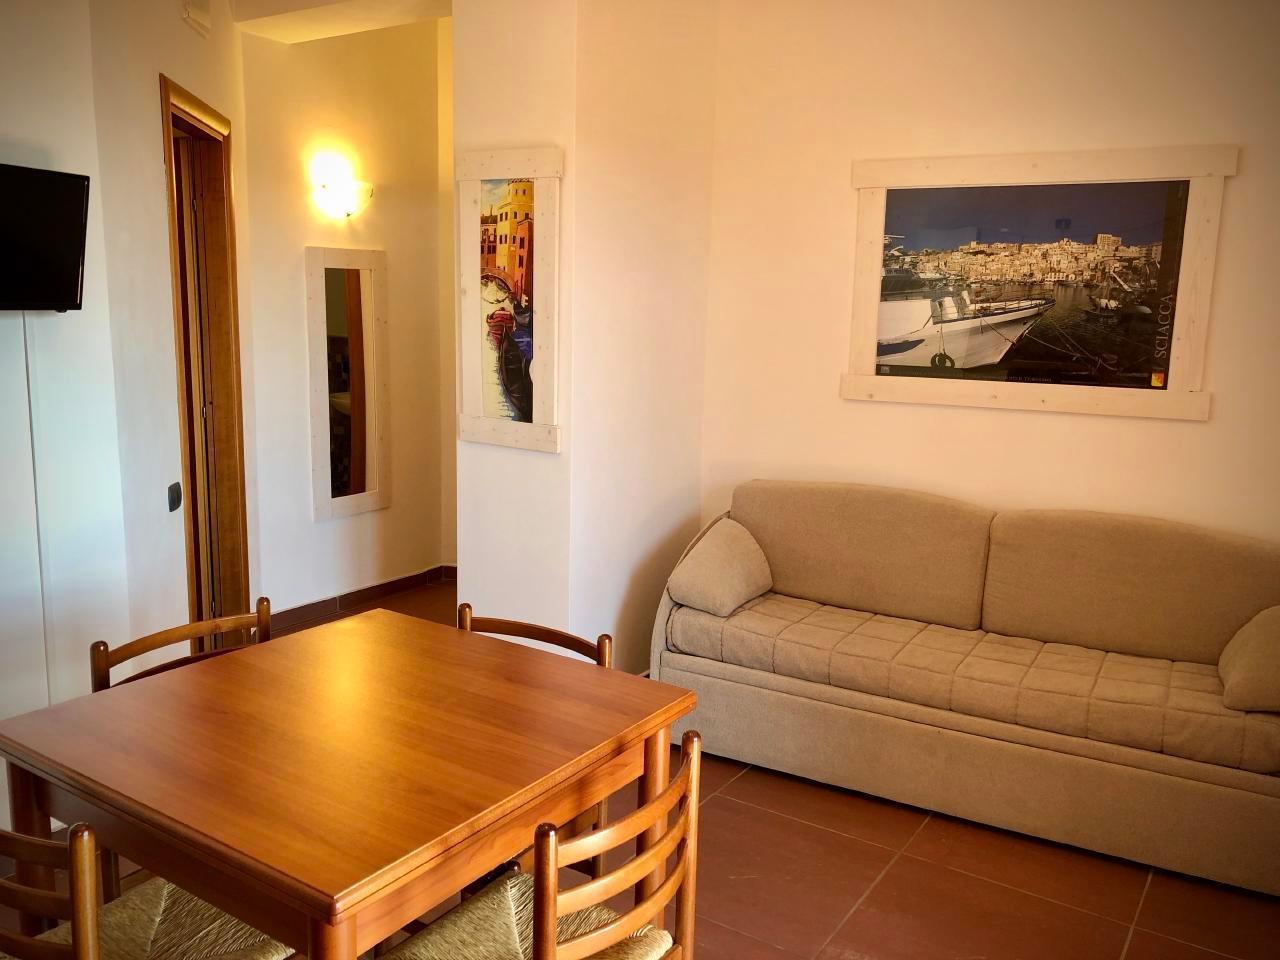 Ferienhaus Ferienwohnungen (405222), Sciacca, Agrigento, Sizilien, Italien, Bild 11